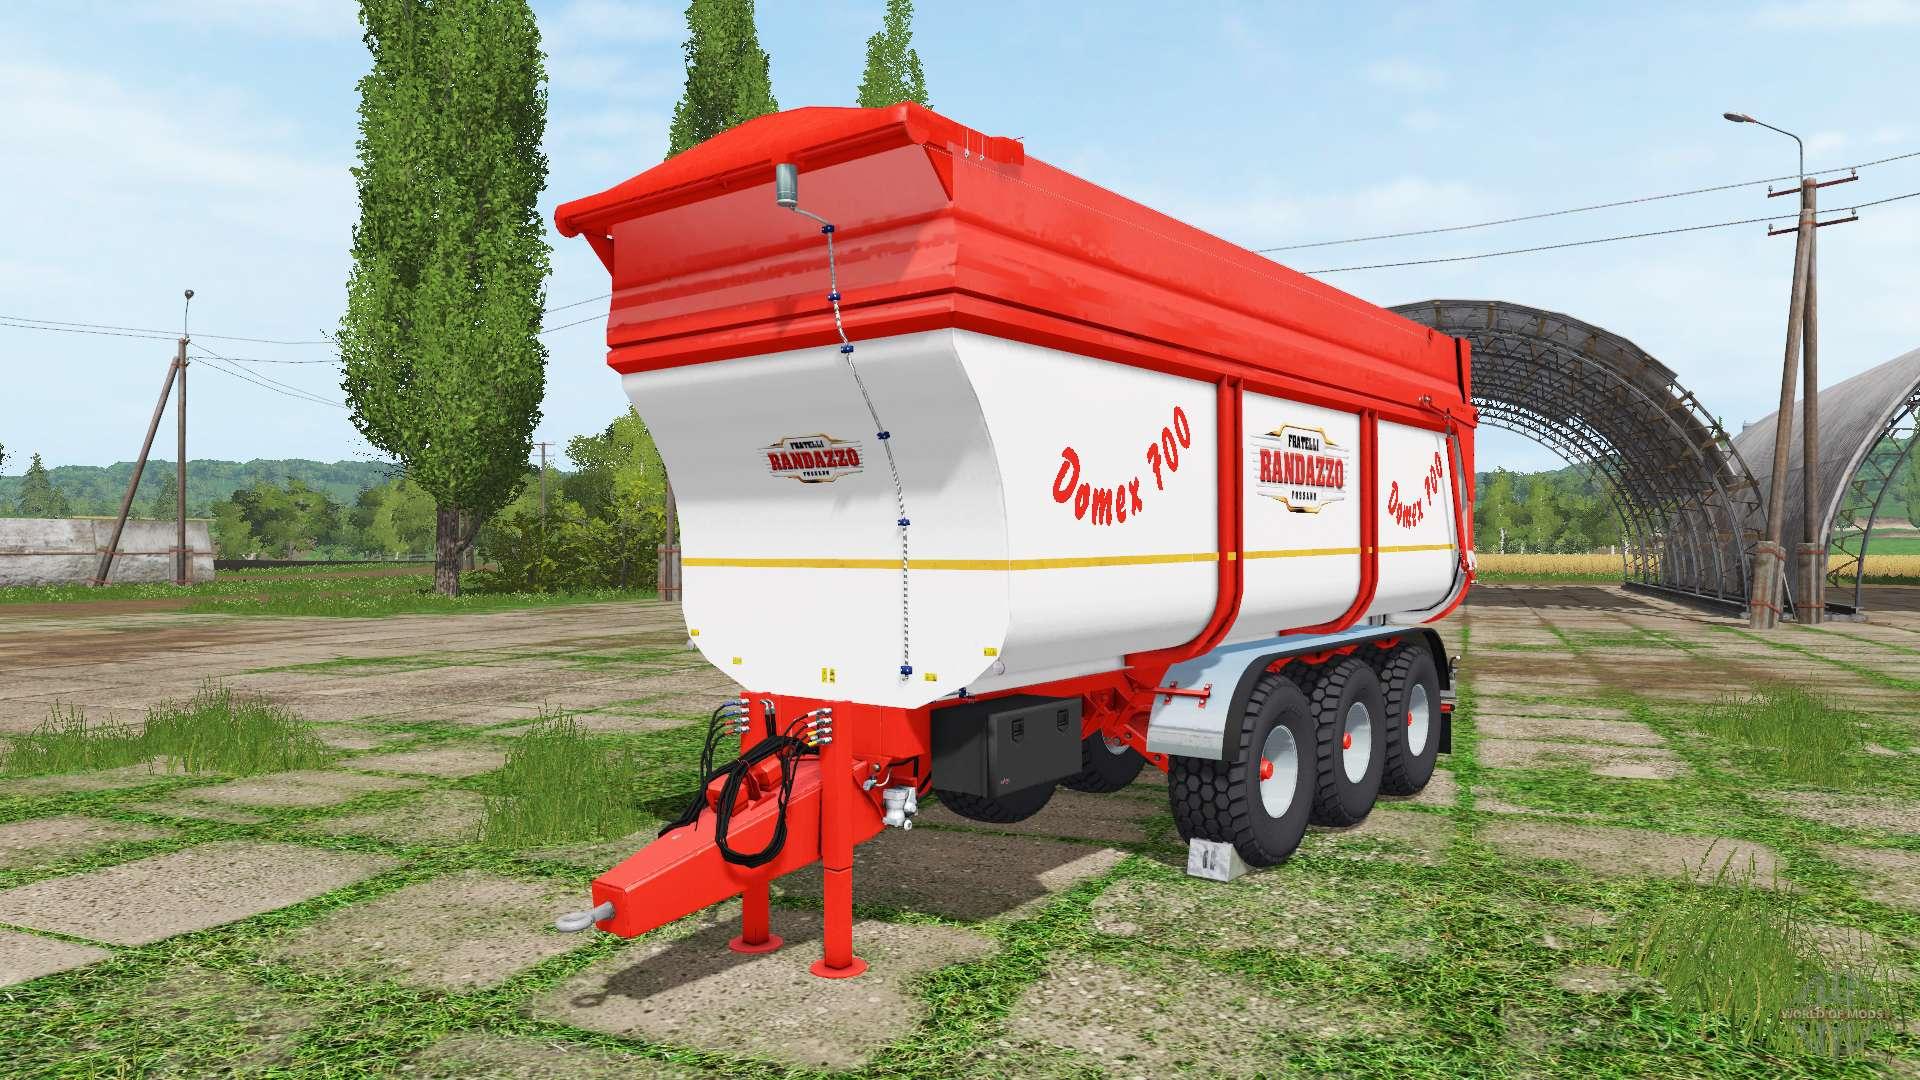 Rimorchi randazzo tr70 v1 0 1 4 for farming simulator 2017 for Rimorchi randazzo